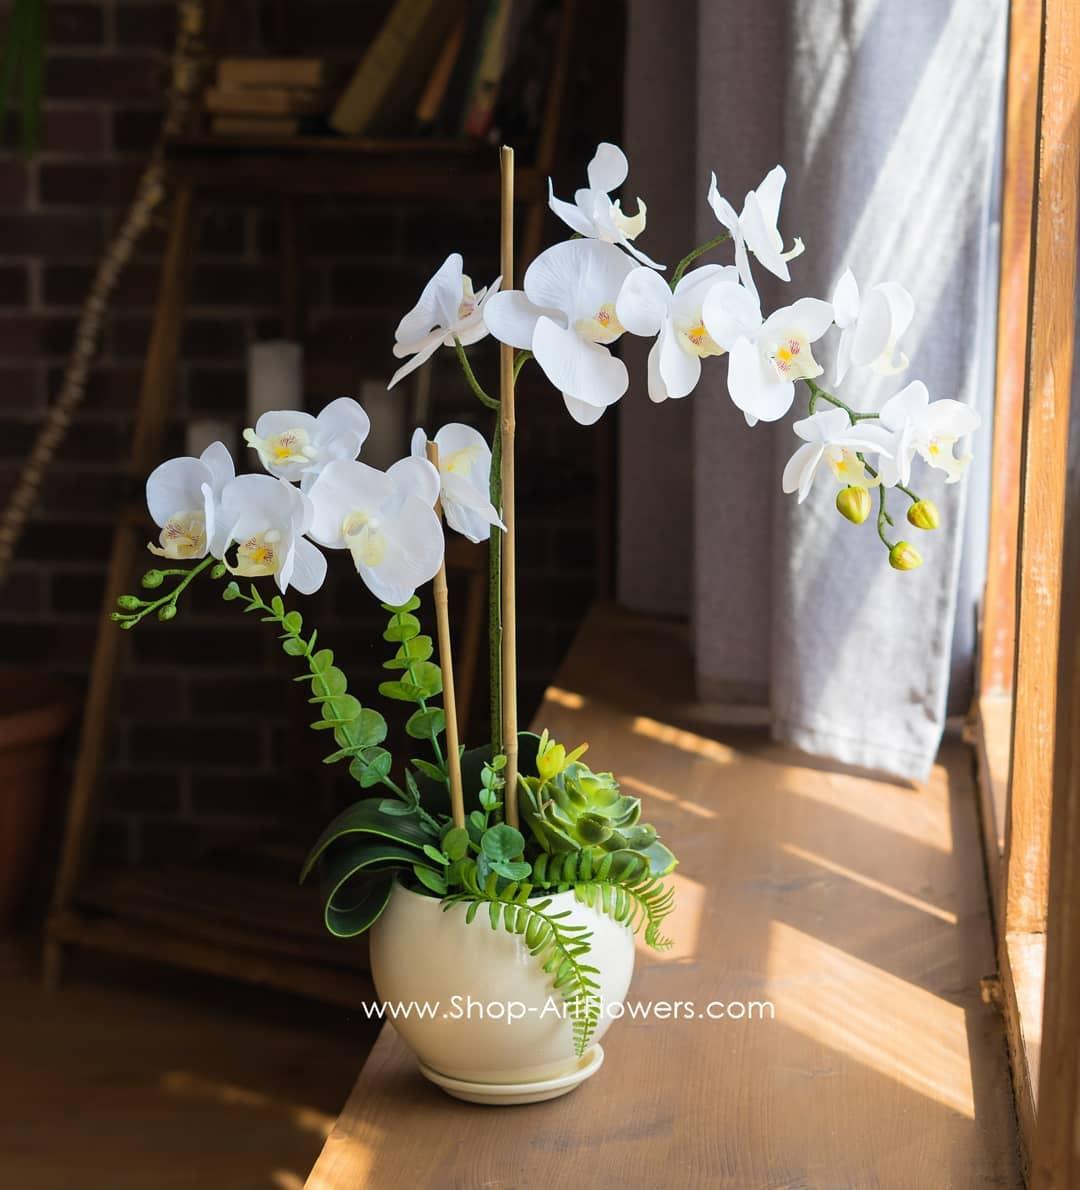 Композиция с белой орхидеей фаленопсис